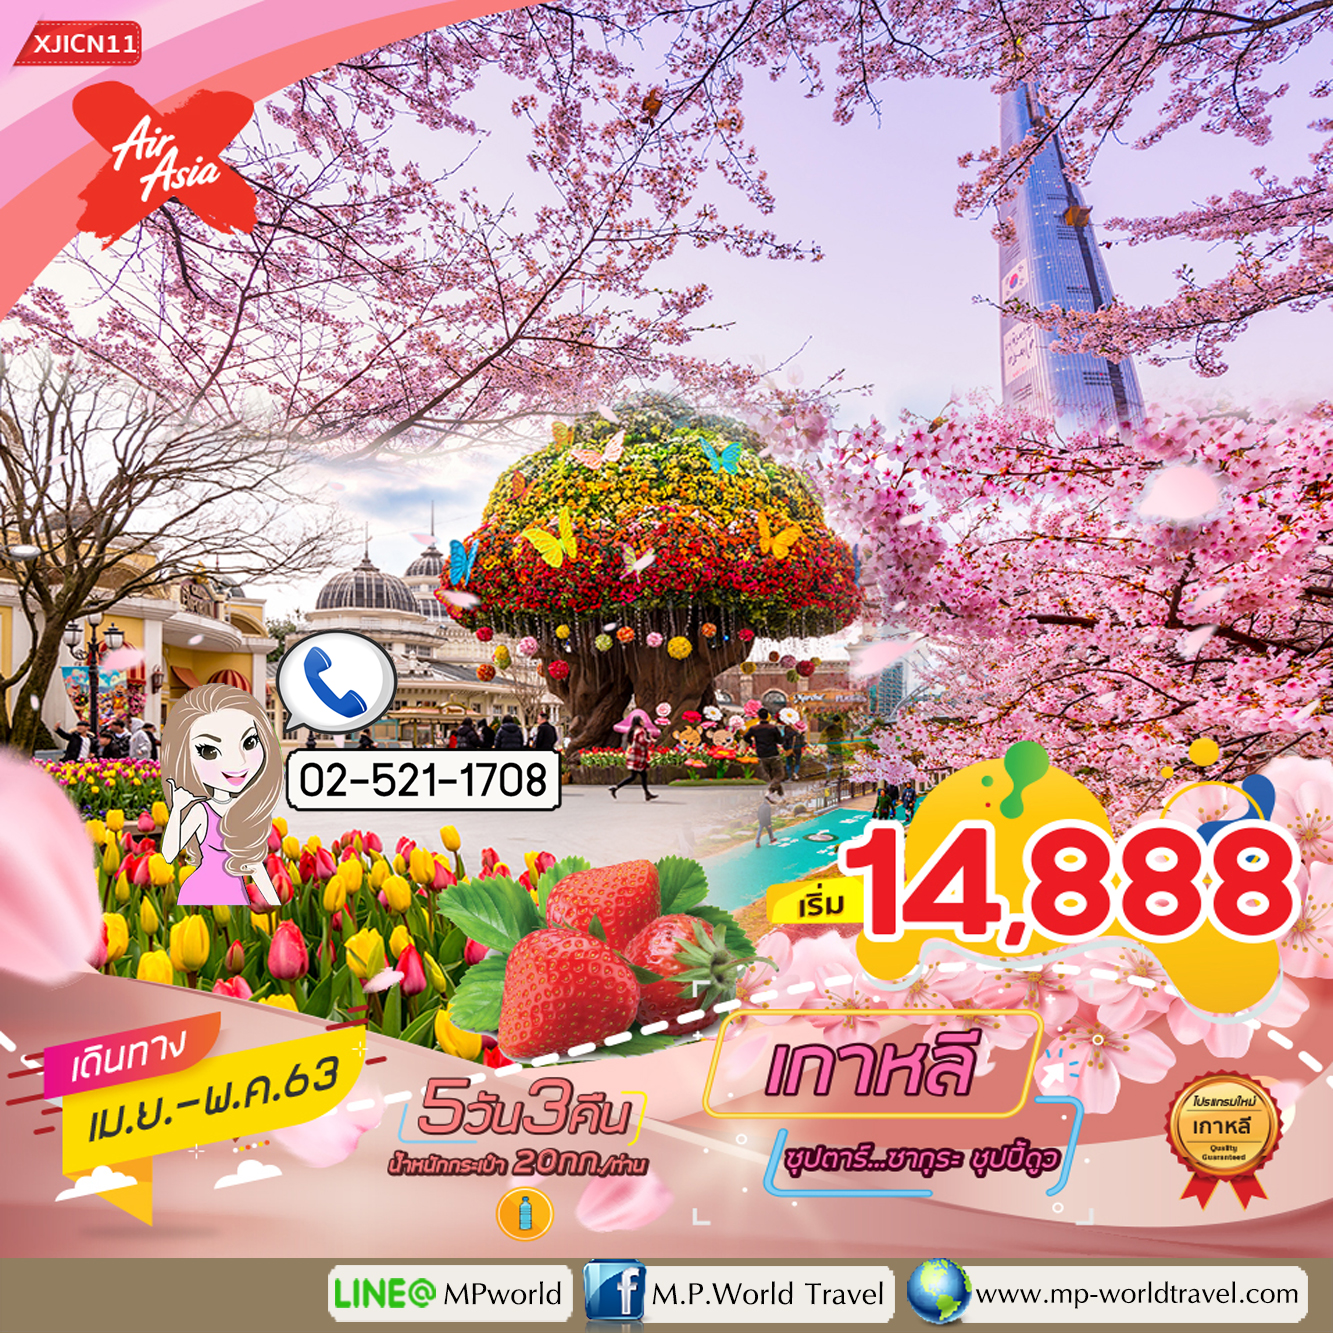 ทัวร์เกาหลี สวนสนุกเอเวอร์แลนด์ 5 วัน 3 คืน  ซุปตาร์...ซากุระ ชุปปี้ดูววว